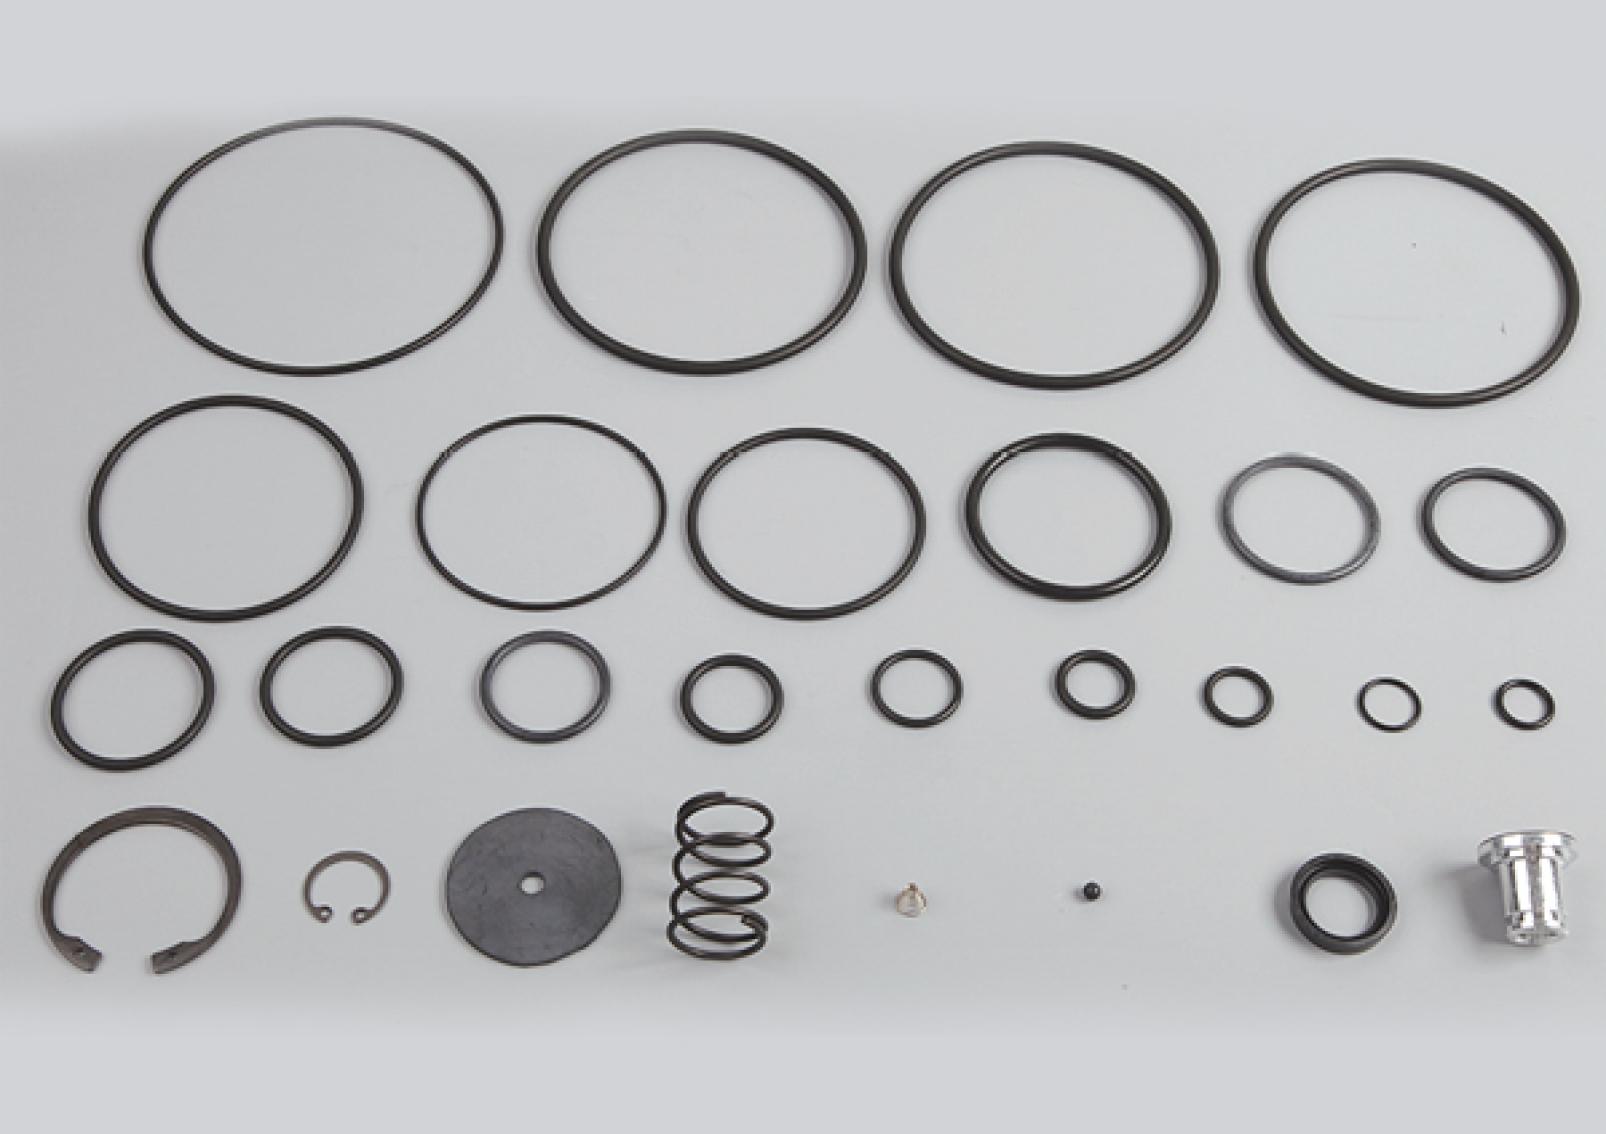 Trailer Control Valve Repair Kit, 355 094 001